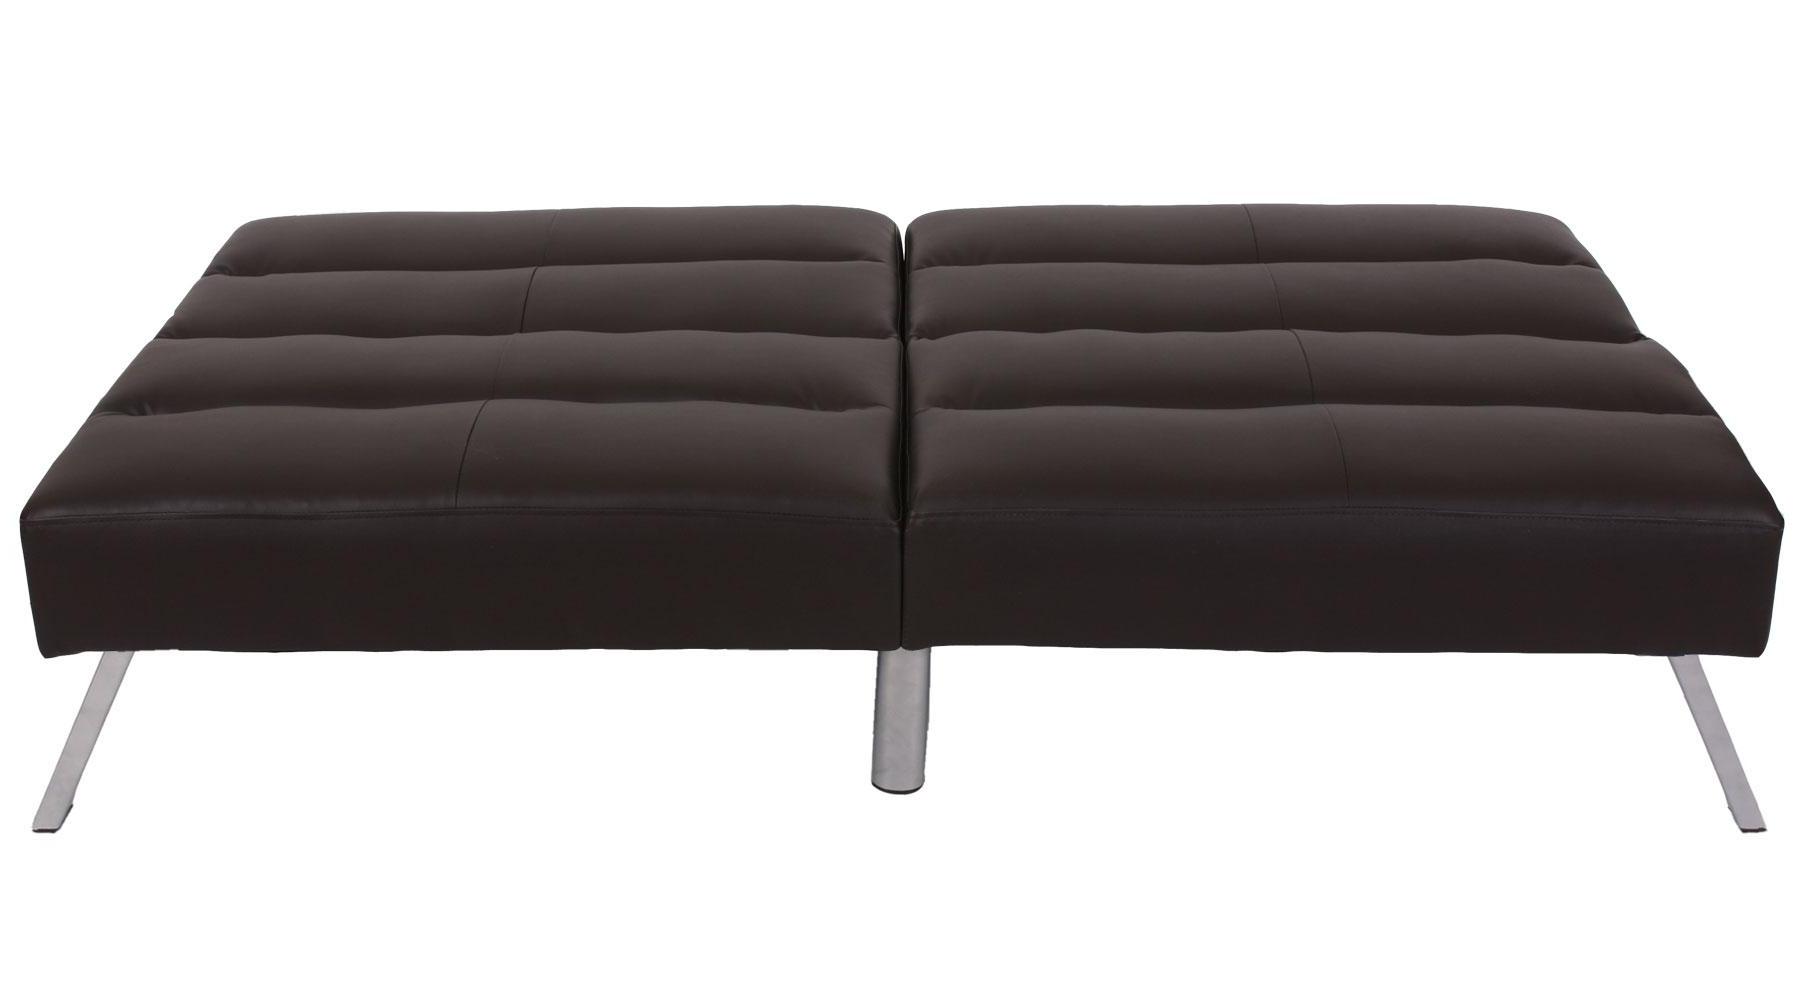 Sofa Plegable S5d8 sofà Plegable De 3 Plazas Romeo Muy Versà Til Y Cà Modo En Piel